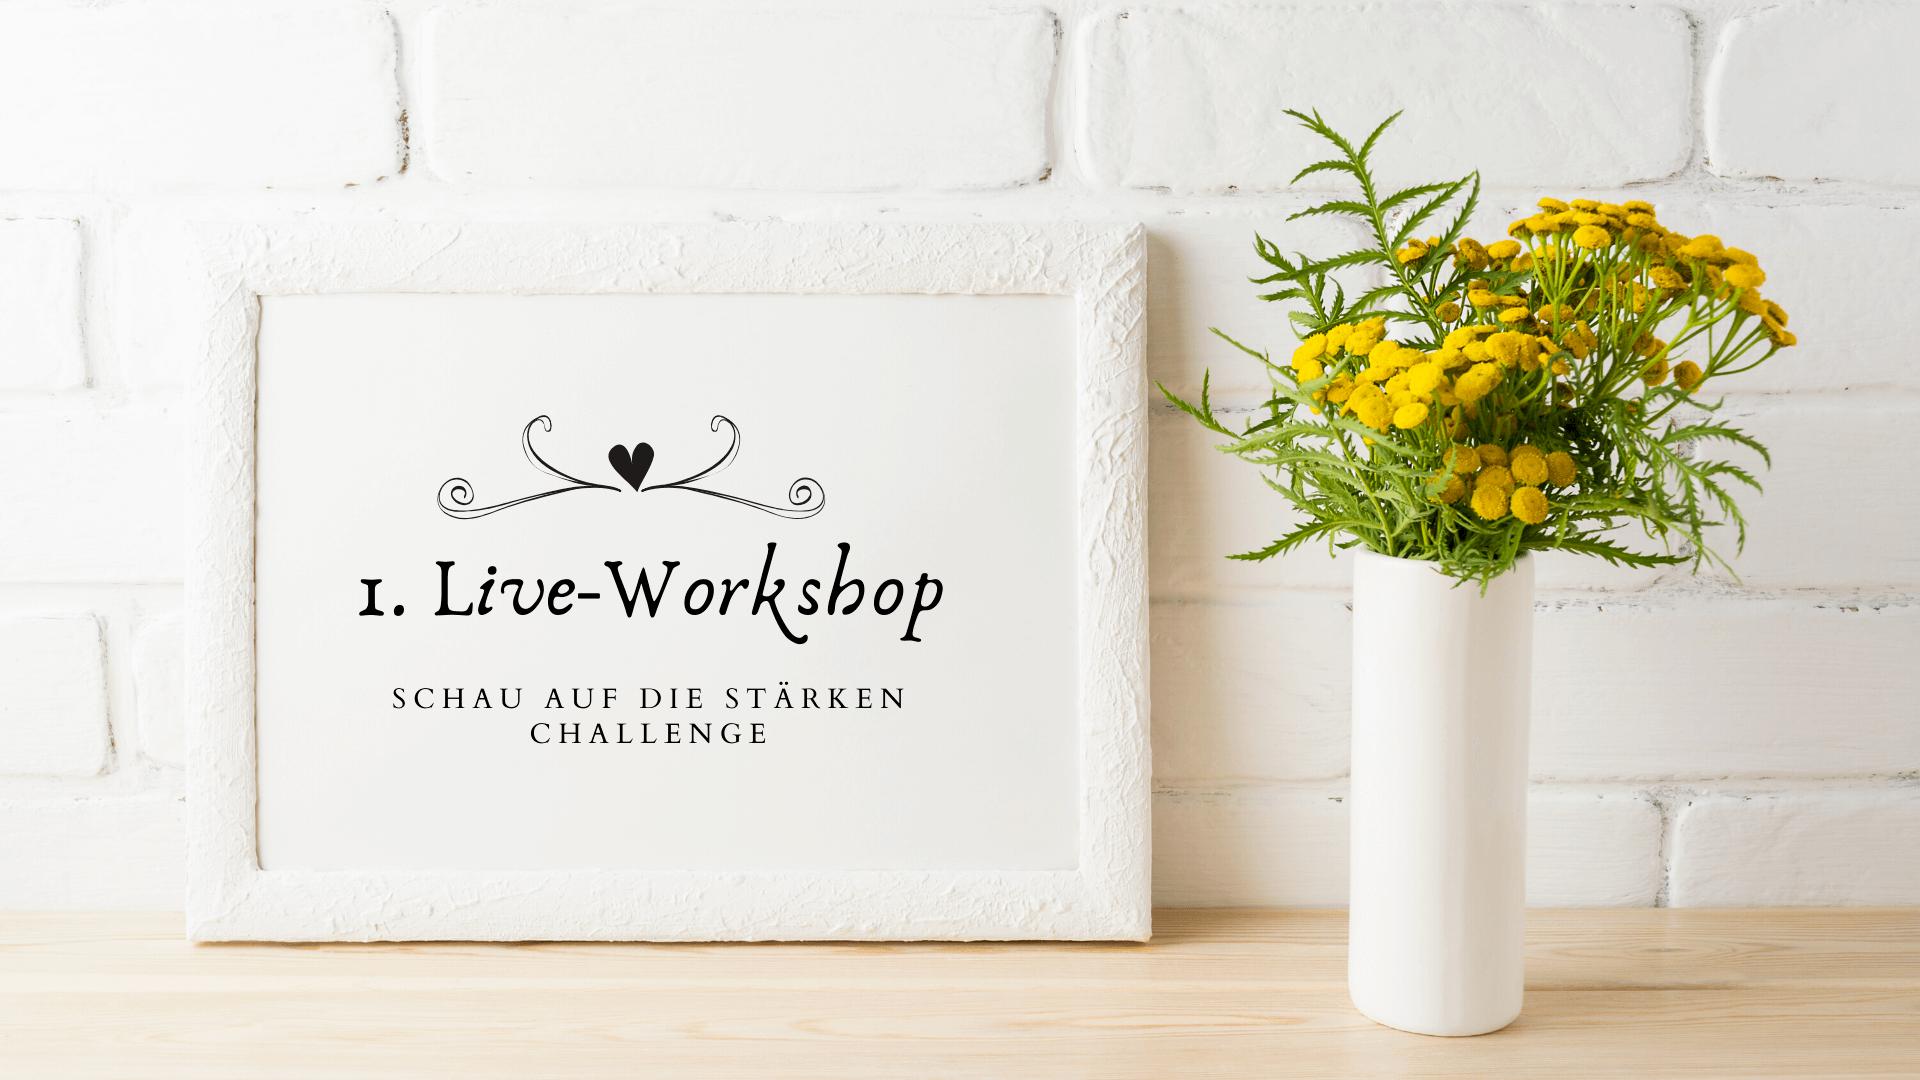 Stärken CHALLENGE Live-Workshop 1